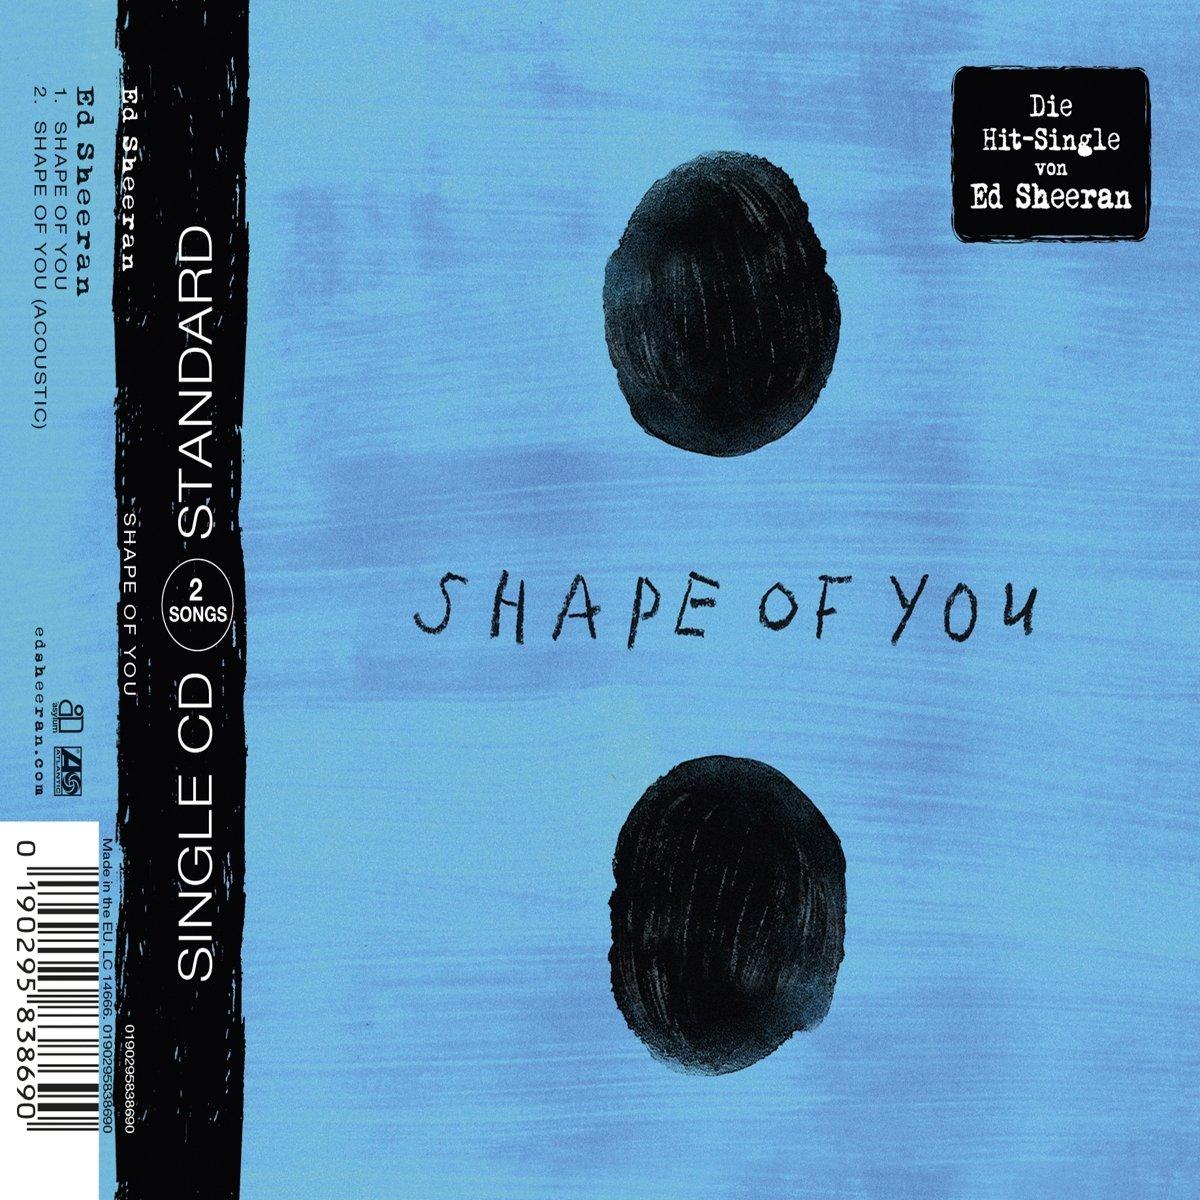 Shape Of You 2 Track Sheeran Ed Amazon De Musik